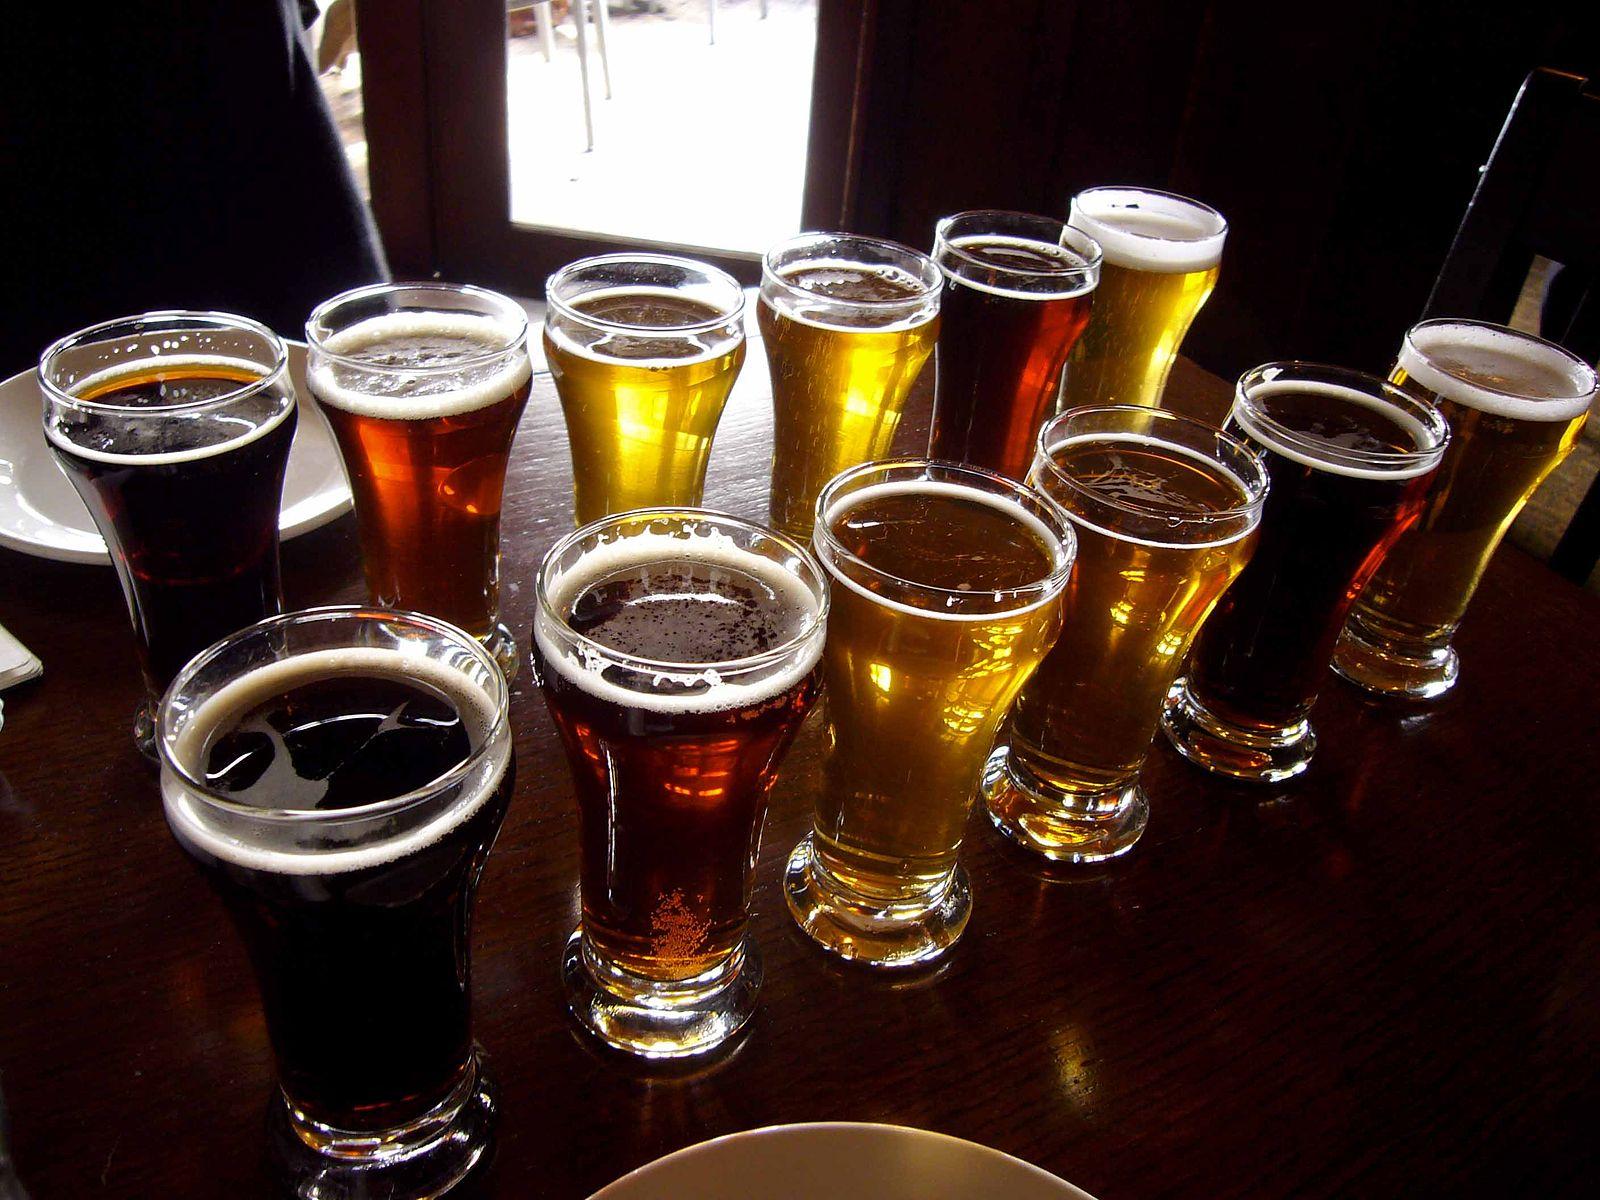 国际癌症研究机构(IARC):去年约74万例新诊断的癌症病例可以归因于饮酒